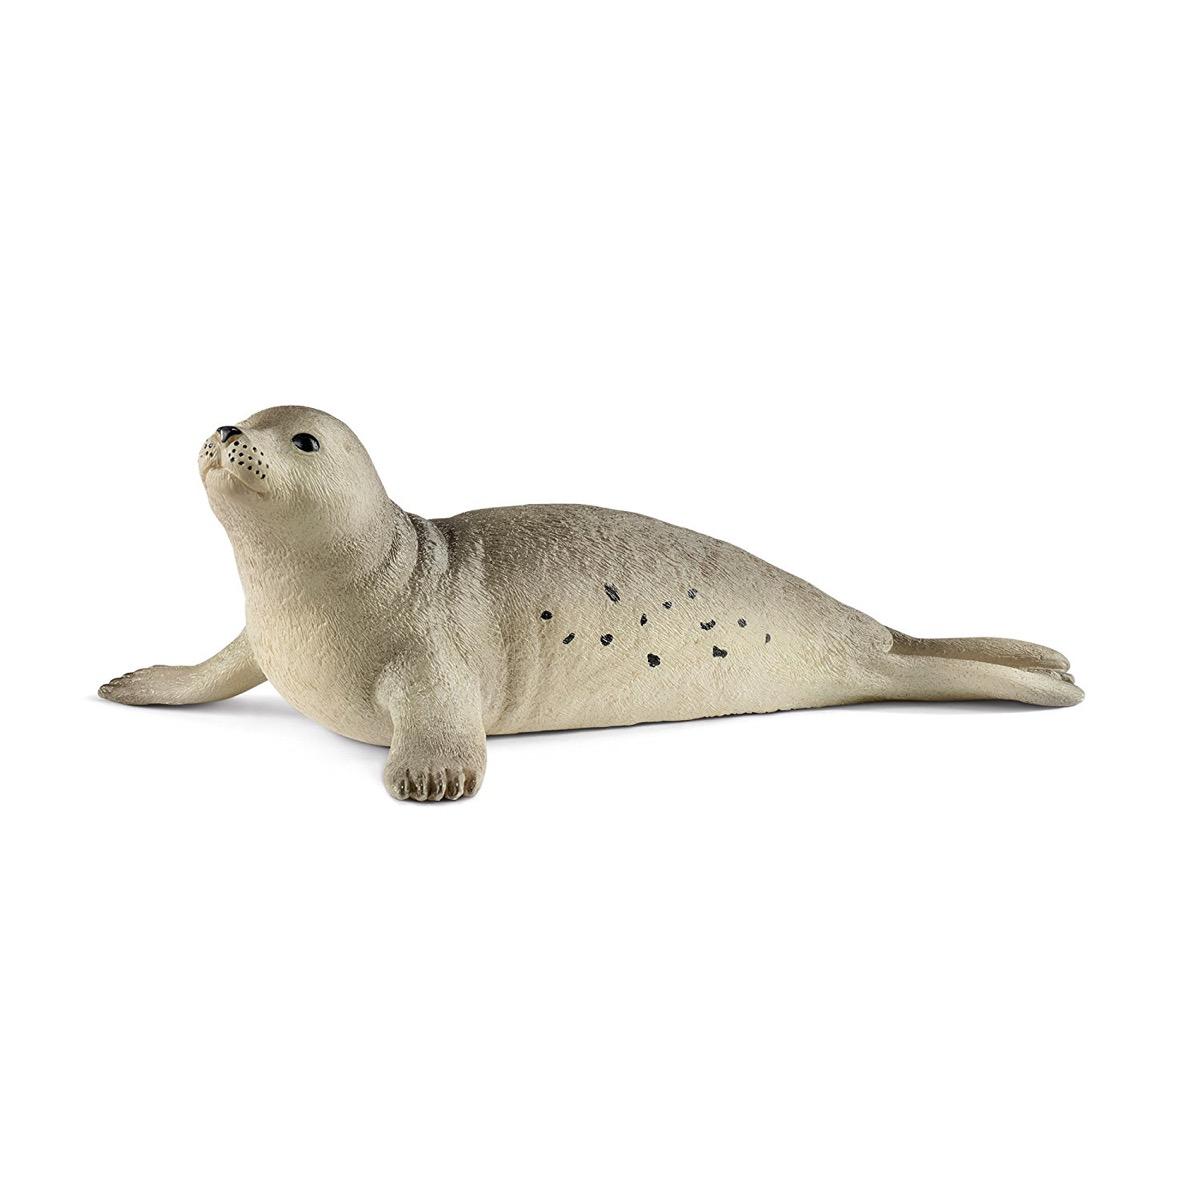 Schleich-Wild-Life-Wildtiere-Neuheiten-2018-14800-14801-14802-14810-14811